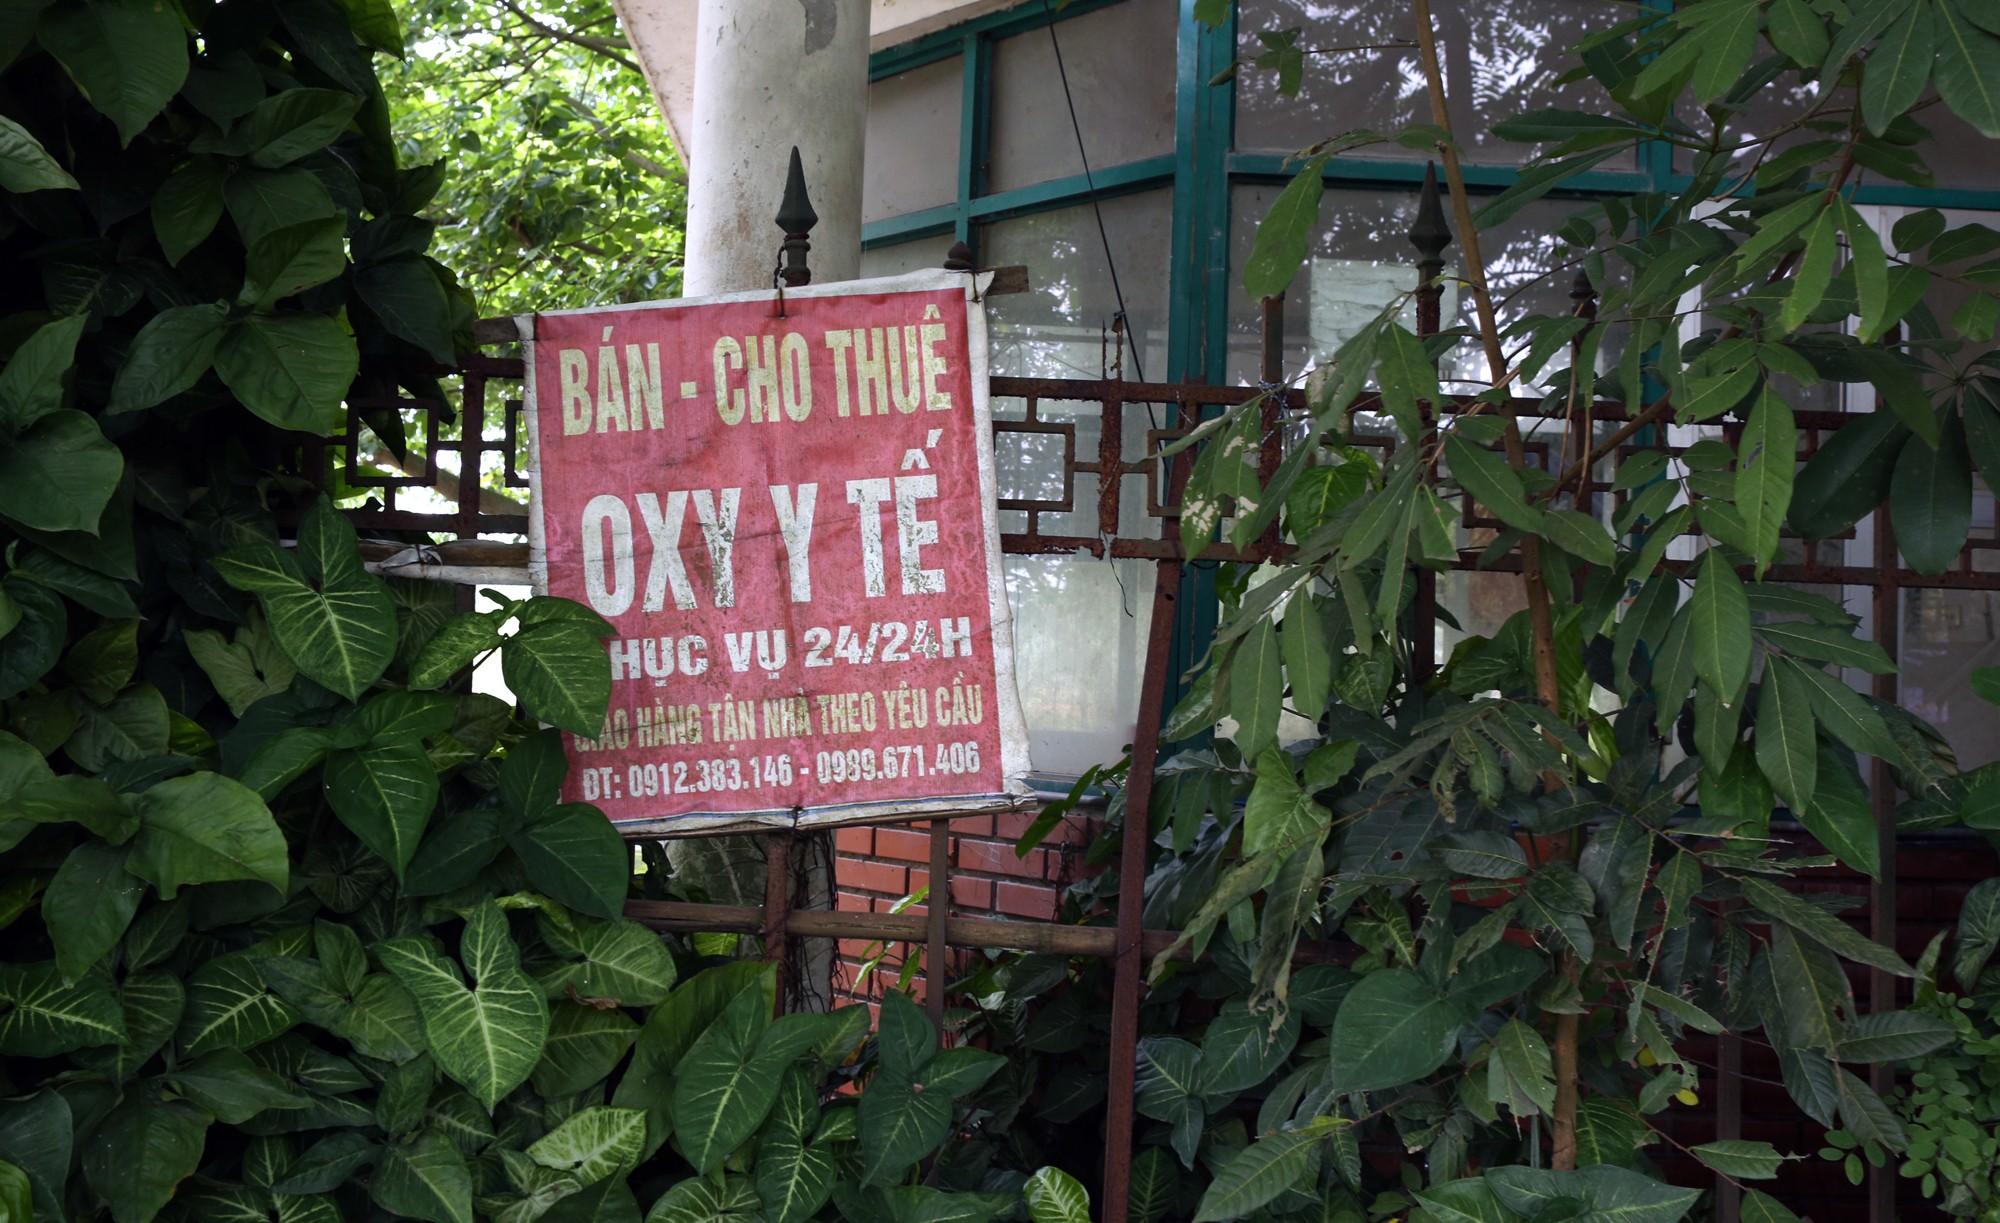 Bệnh viện qui mô 1.000 giường ở Hà Nội thành nơi nuôi gà - Ảnh 7.